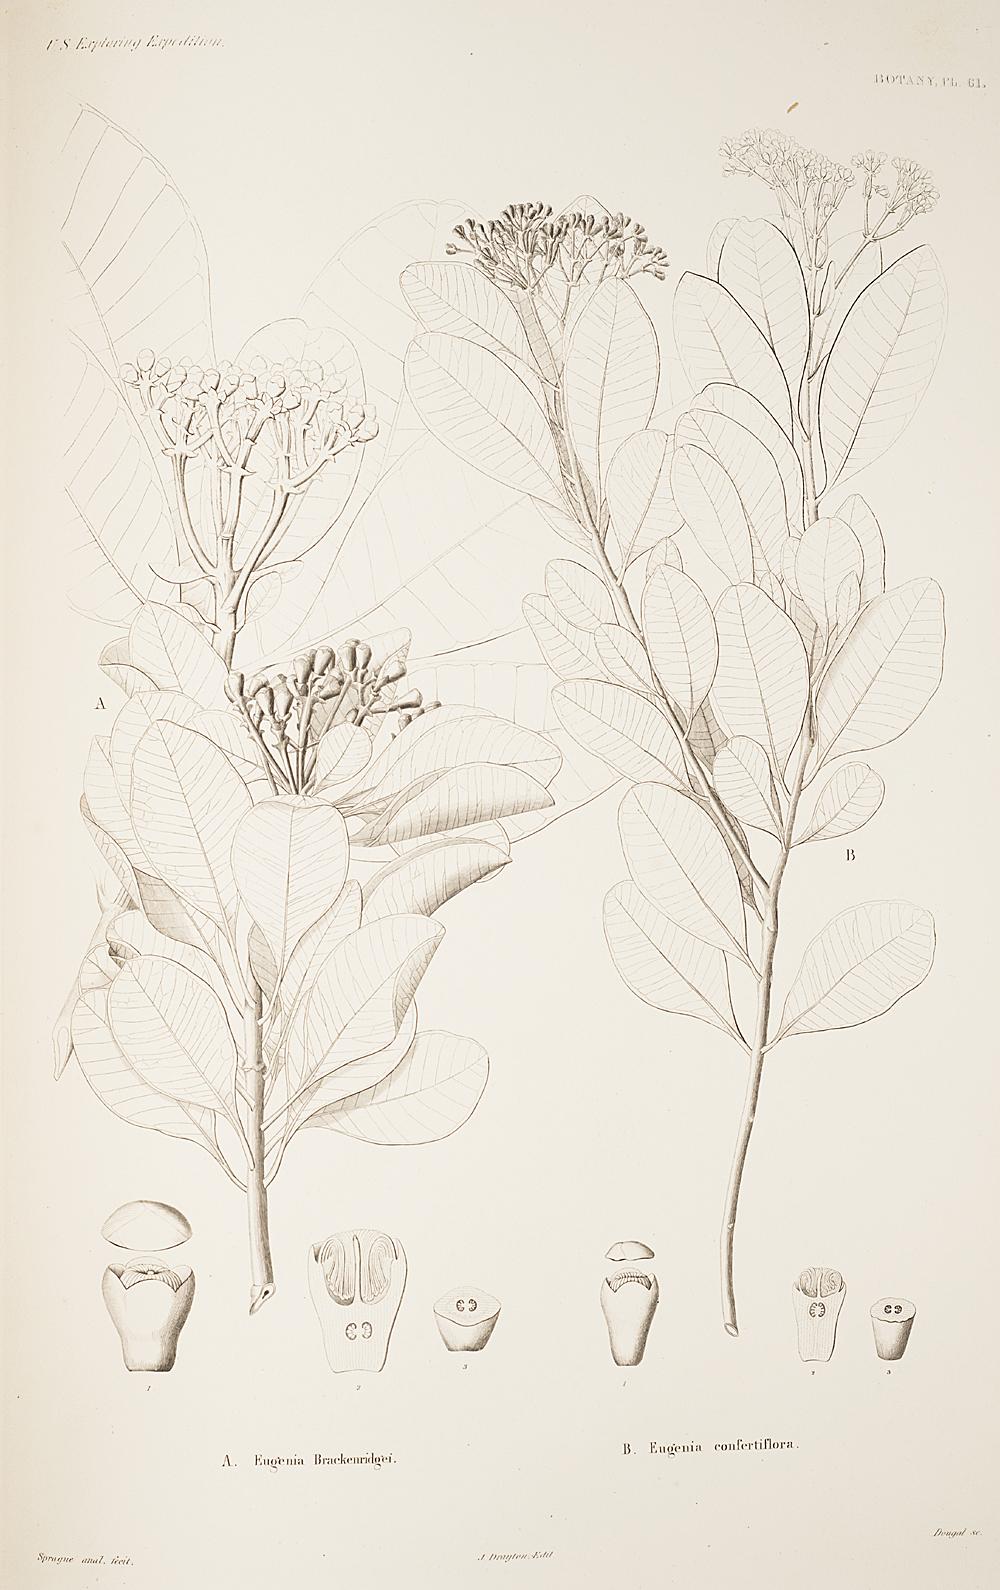 Botany, Pl. 61,  Image number:sil19-23-133b